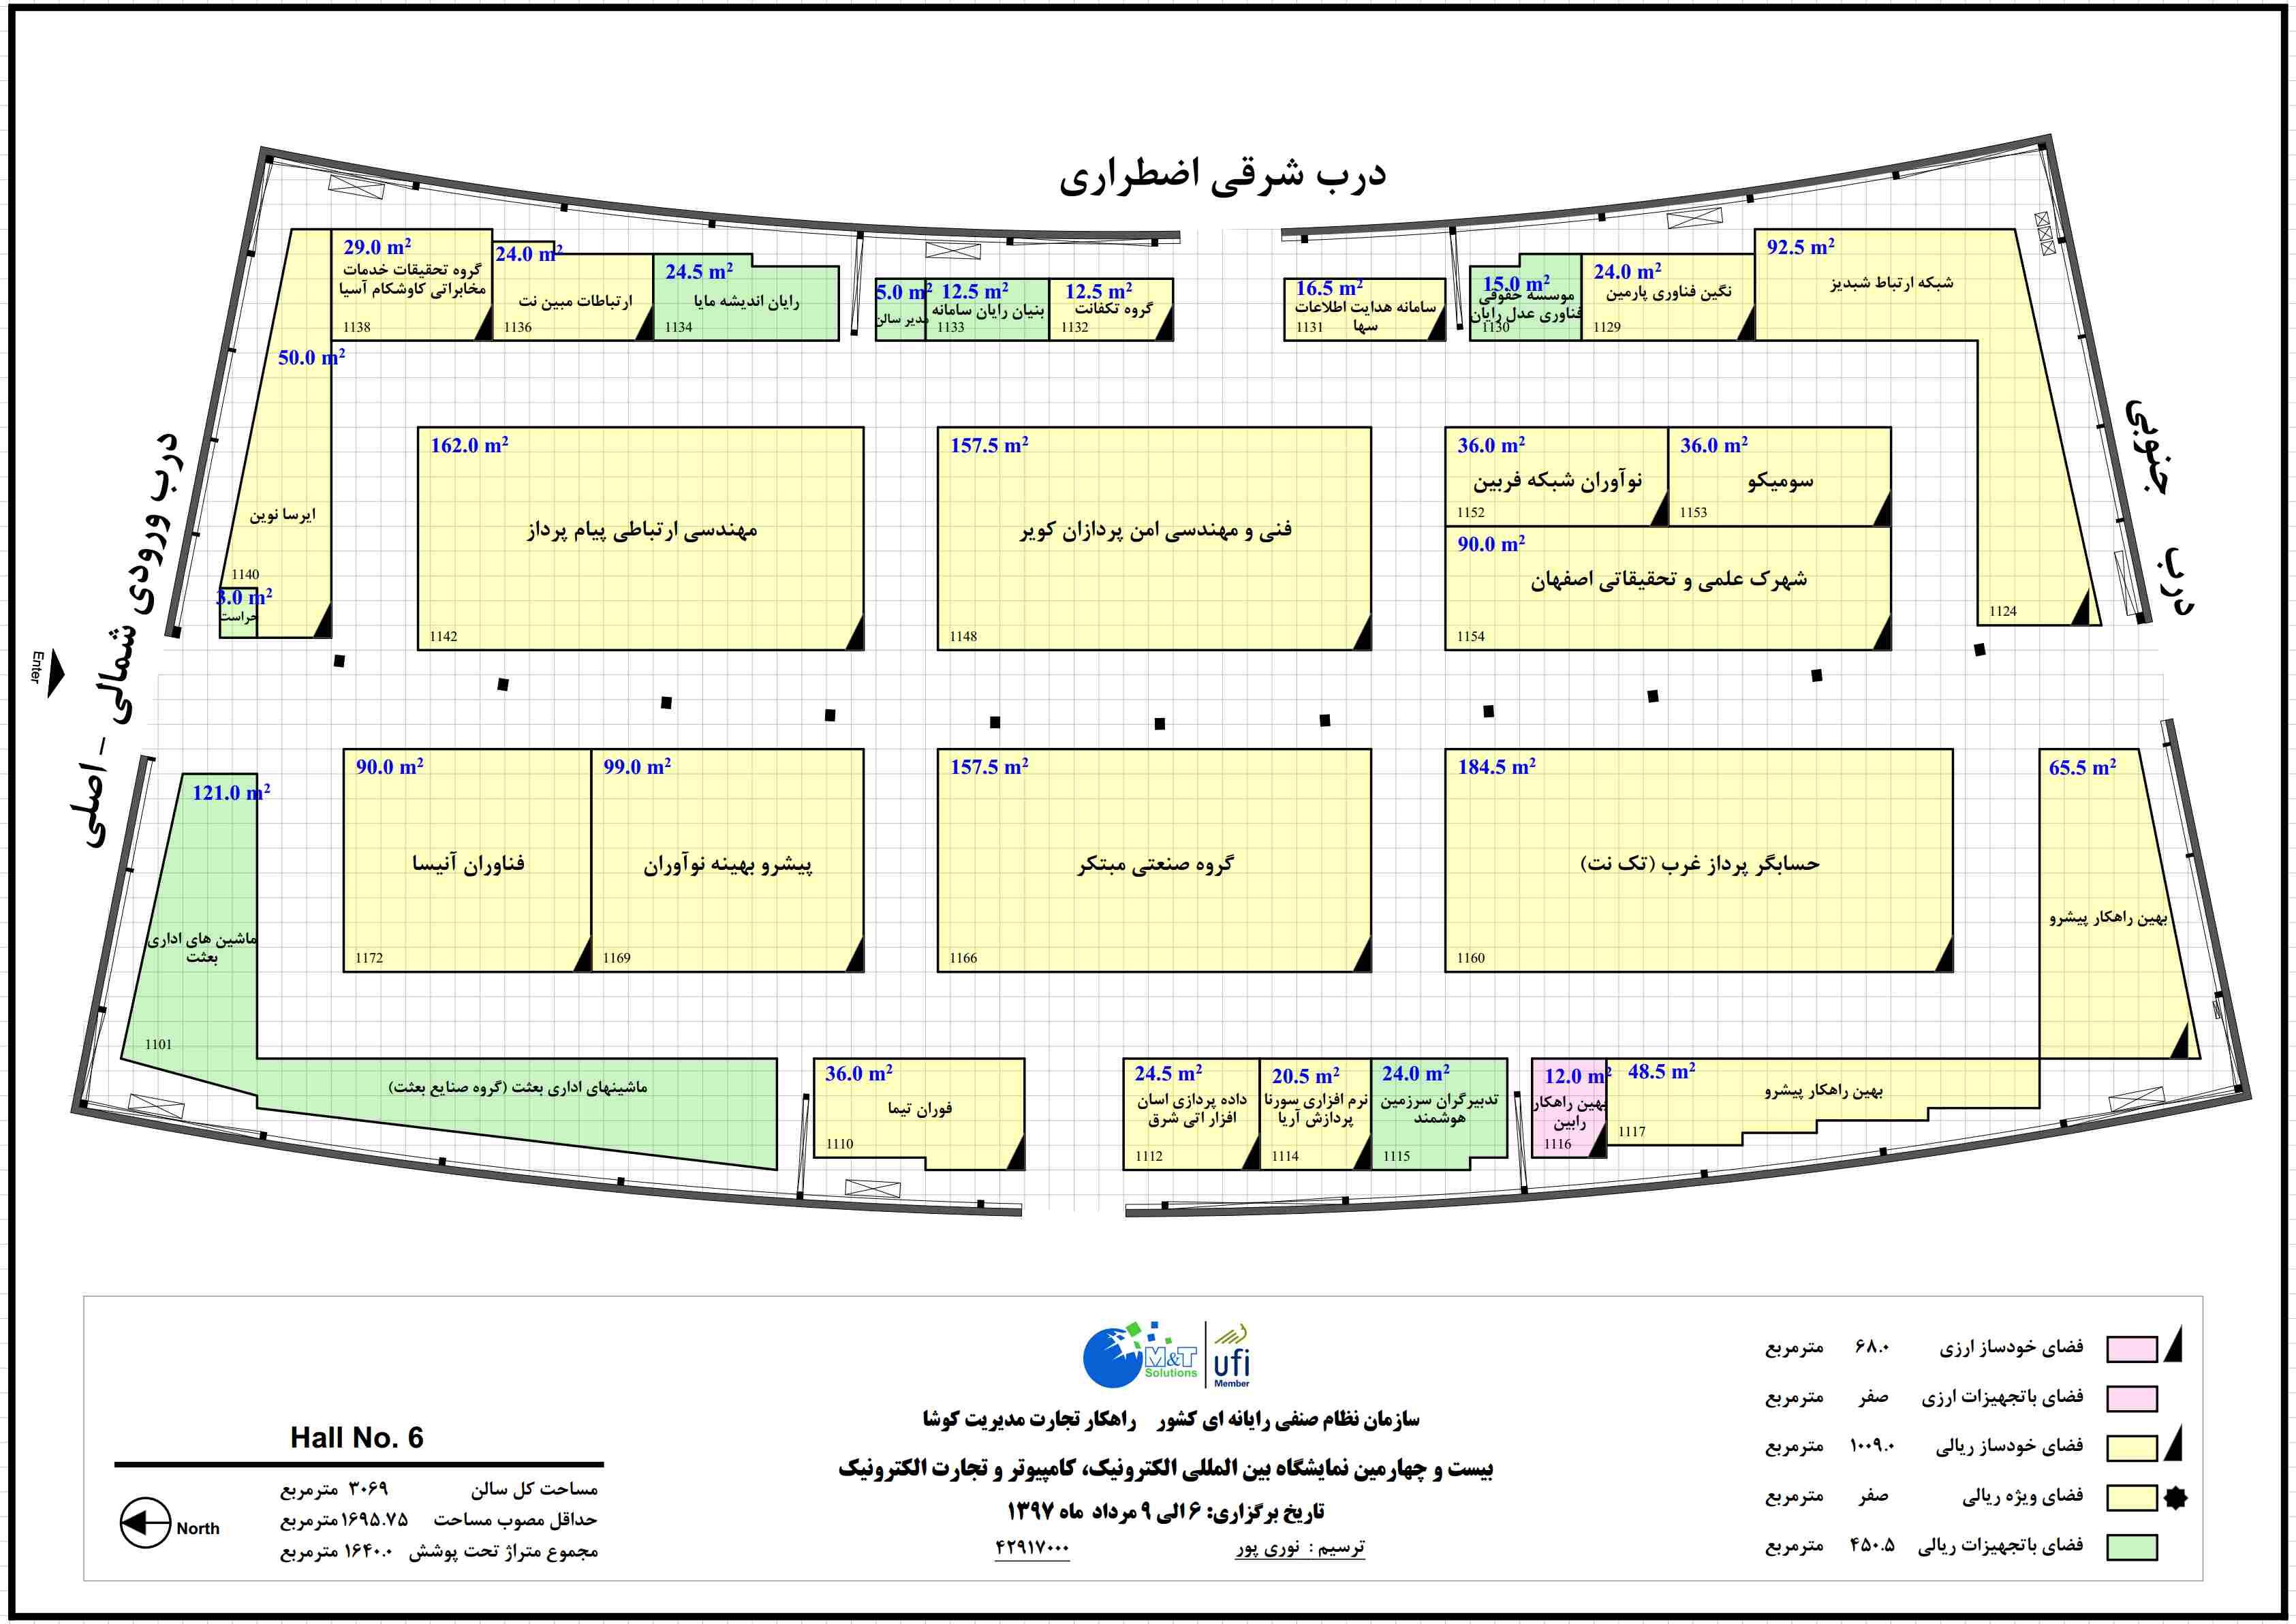 نقشه راهنمای نمایشگاه الکامپ تهران سالن 6